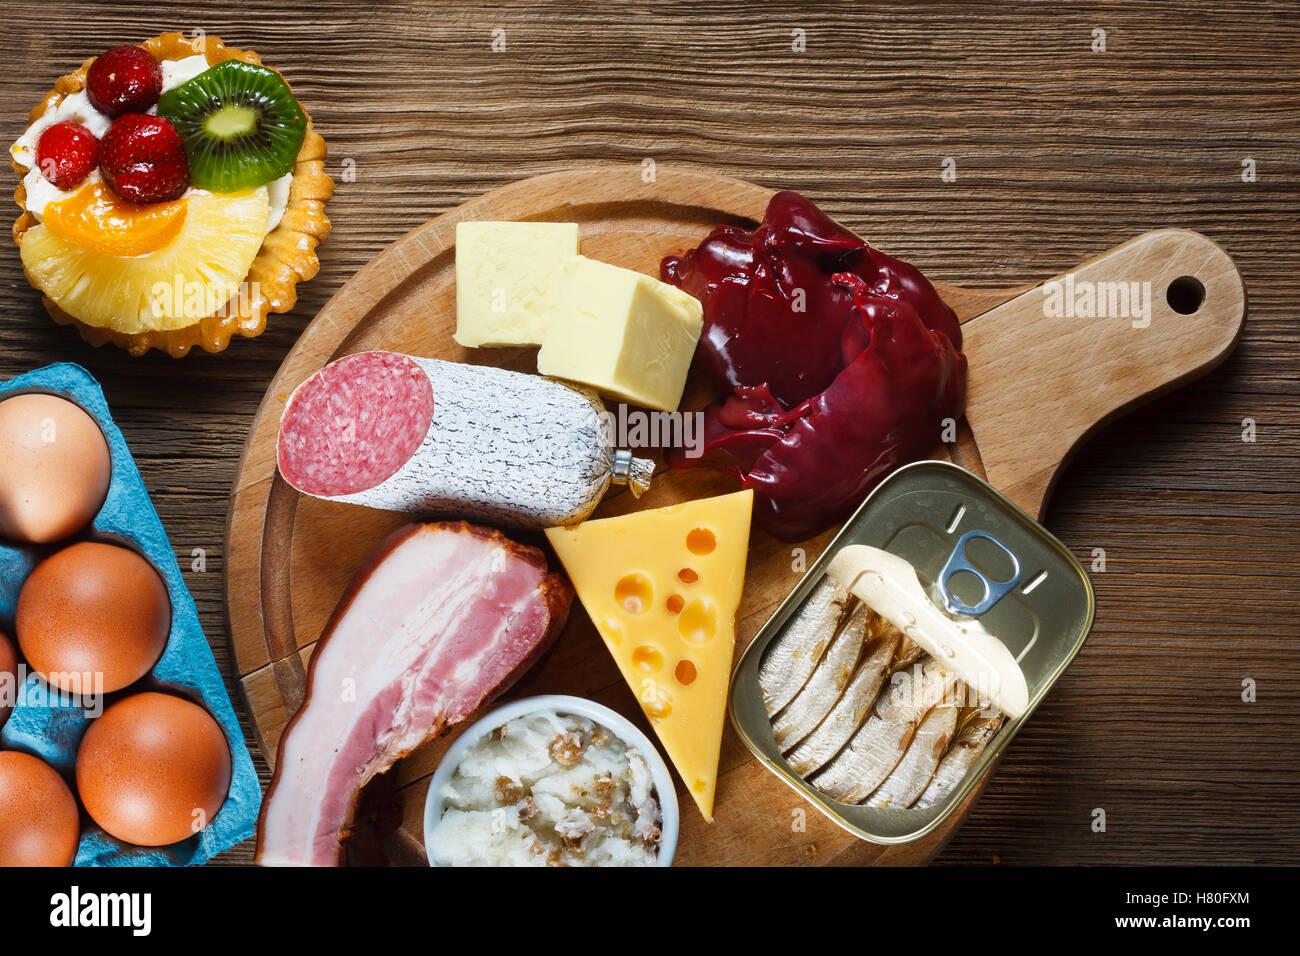 Los alimentos ricos en colesterol como los huevos, el hígado, el amarillo el queso, la mantequilla, el tocino, la Foto de stock